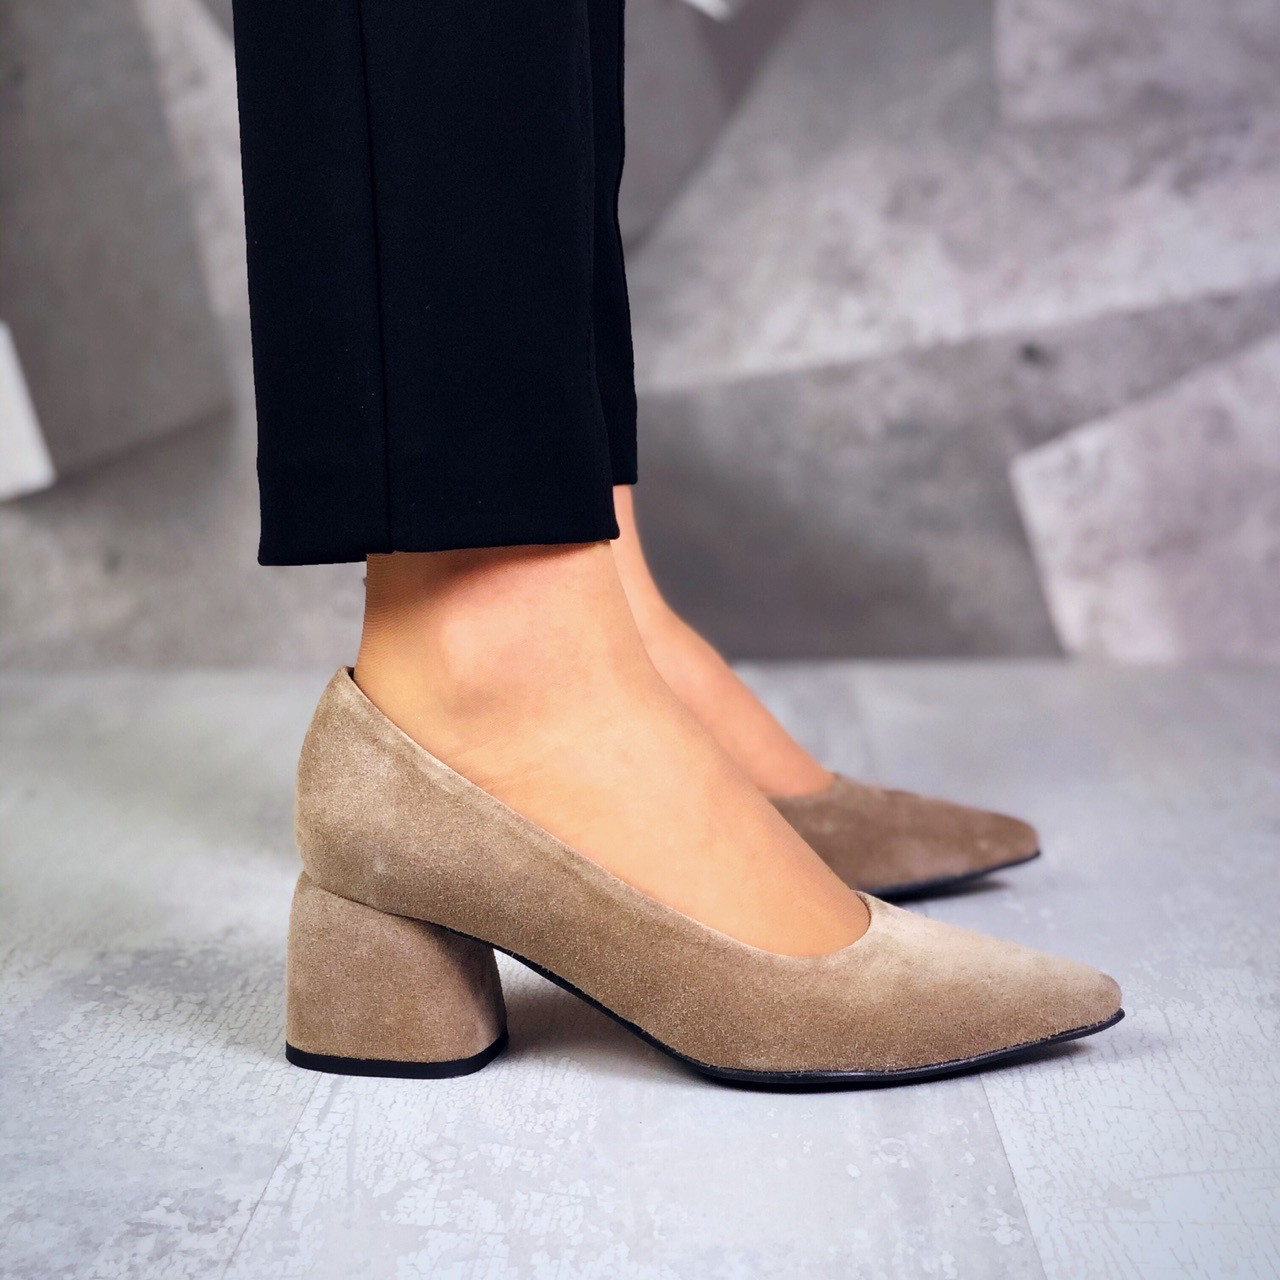 Шикарные замшевые туфли на каблучке 36-40 р латте